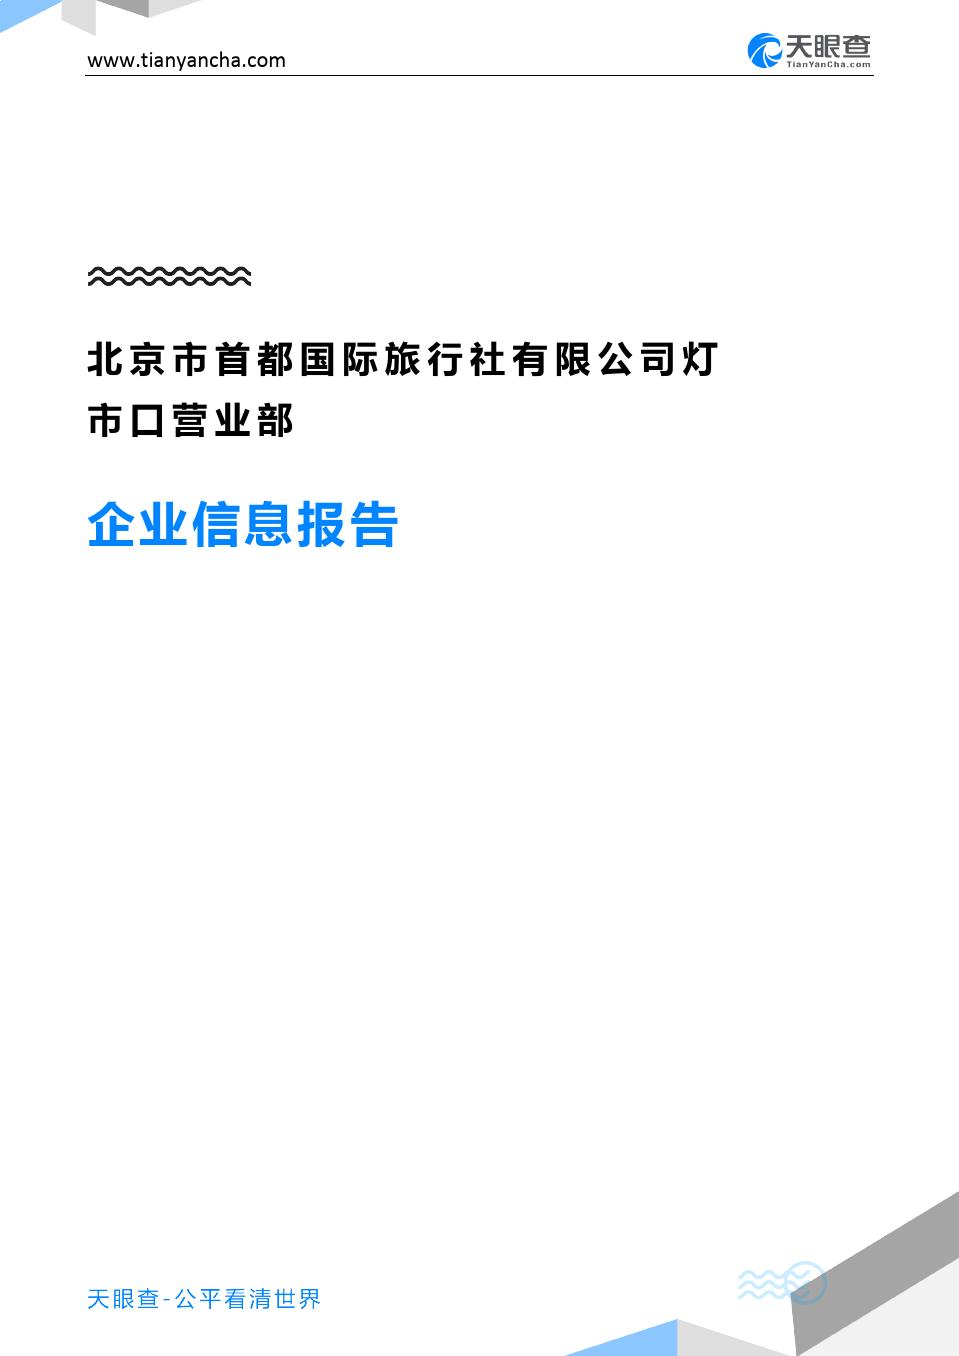 北京市首都国际旅行社有限公司灯市口营业部企业信息报告-天眼查